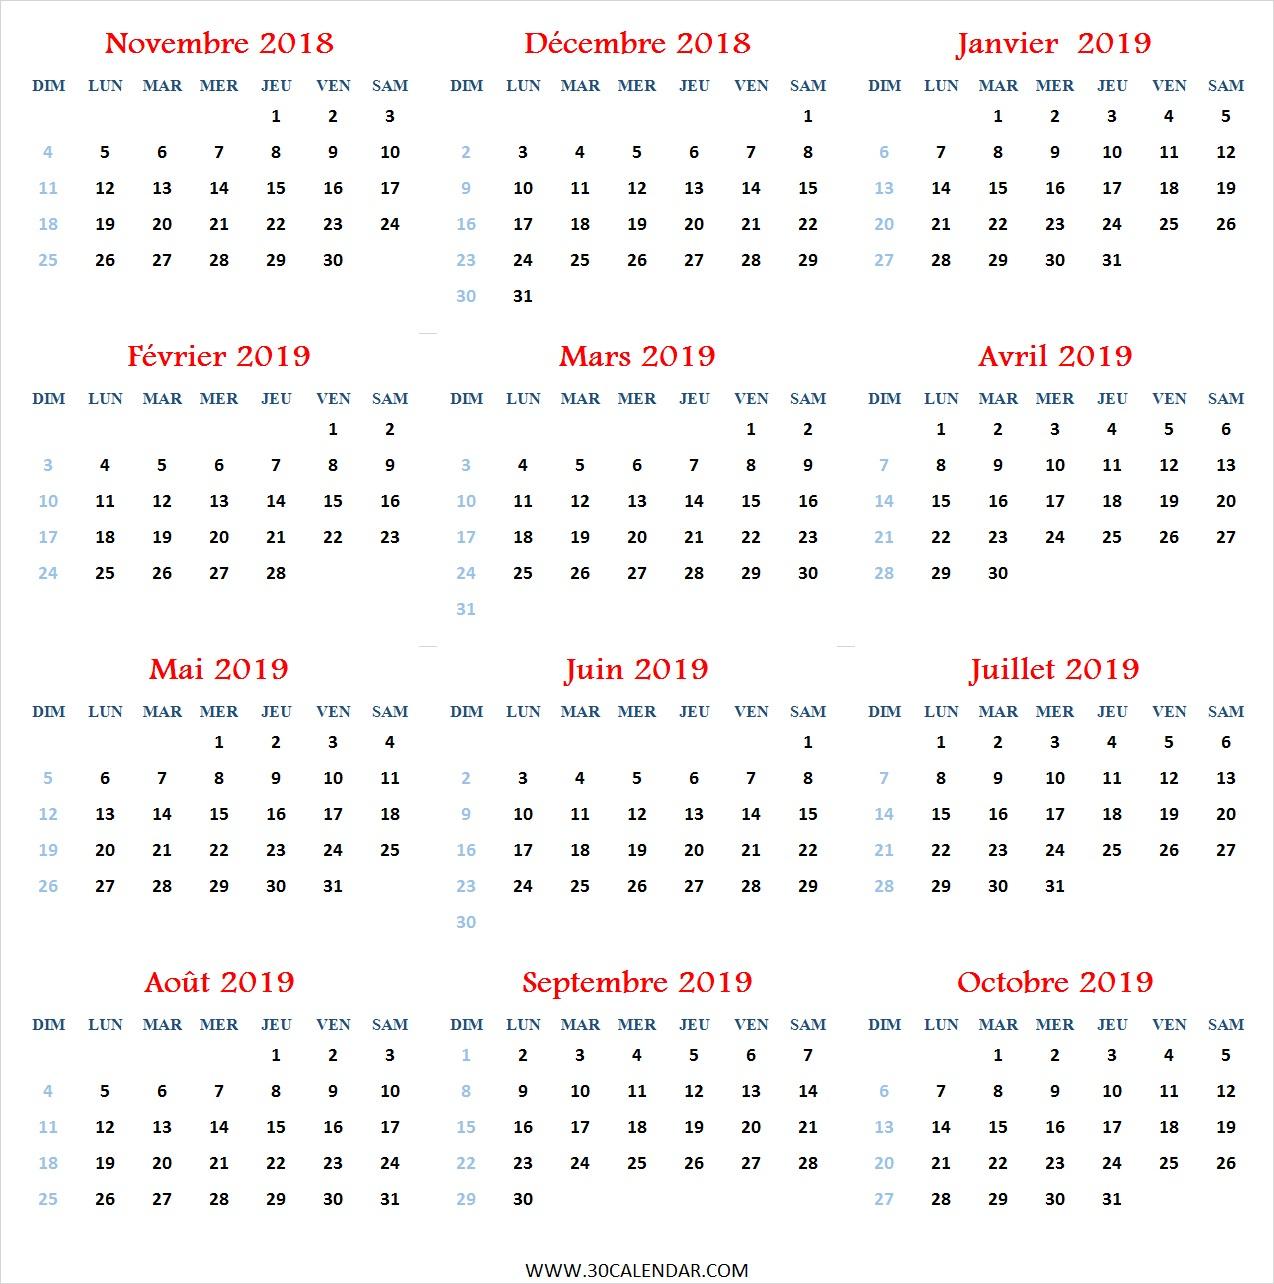 Calendrier Novembre 2018 À Octobre 2019 À Imprimer | Douze Mois dedans Calendrier Mensuel 2018 À Imprimer